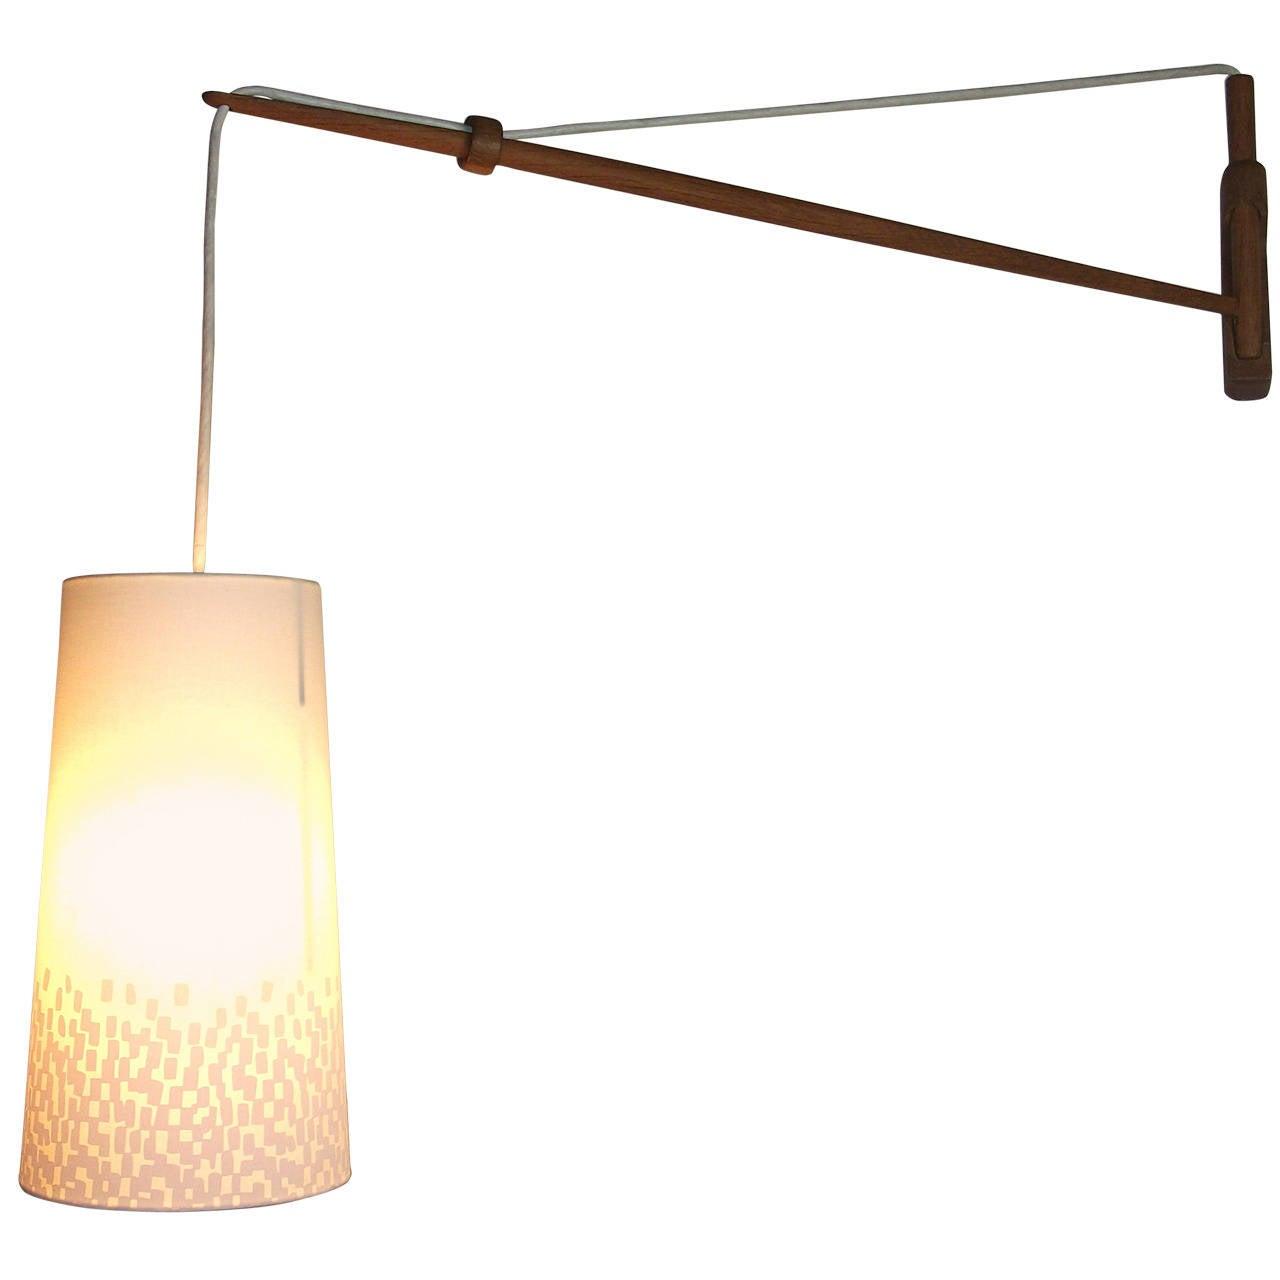 Adjustable Wall Lights Contemporary : Mid-Century Modern Adjustable Oak Wall Light Made in Denmark at 1stdibs